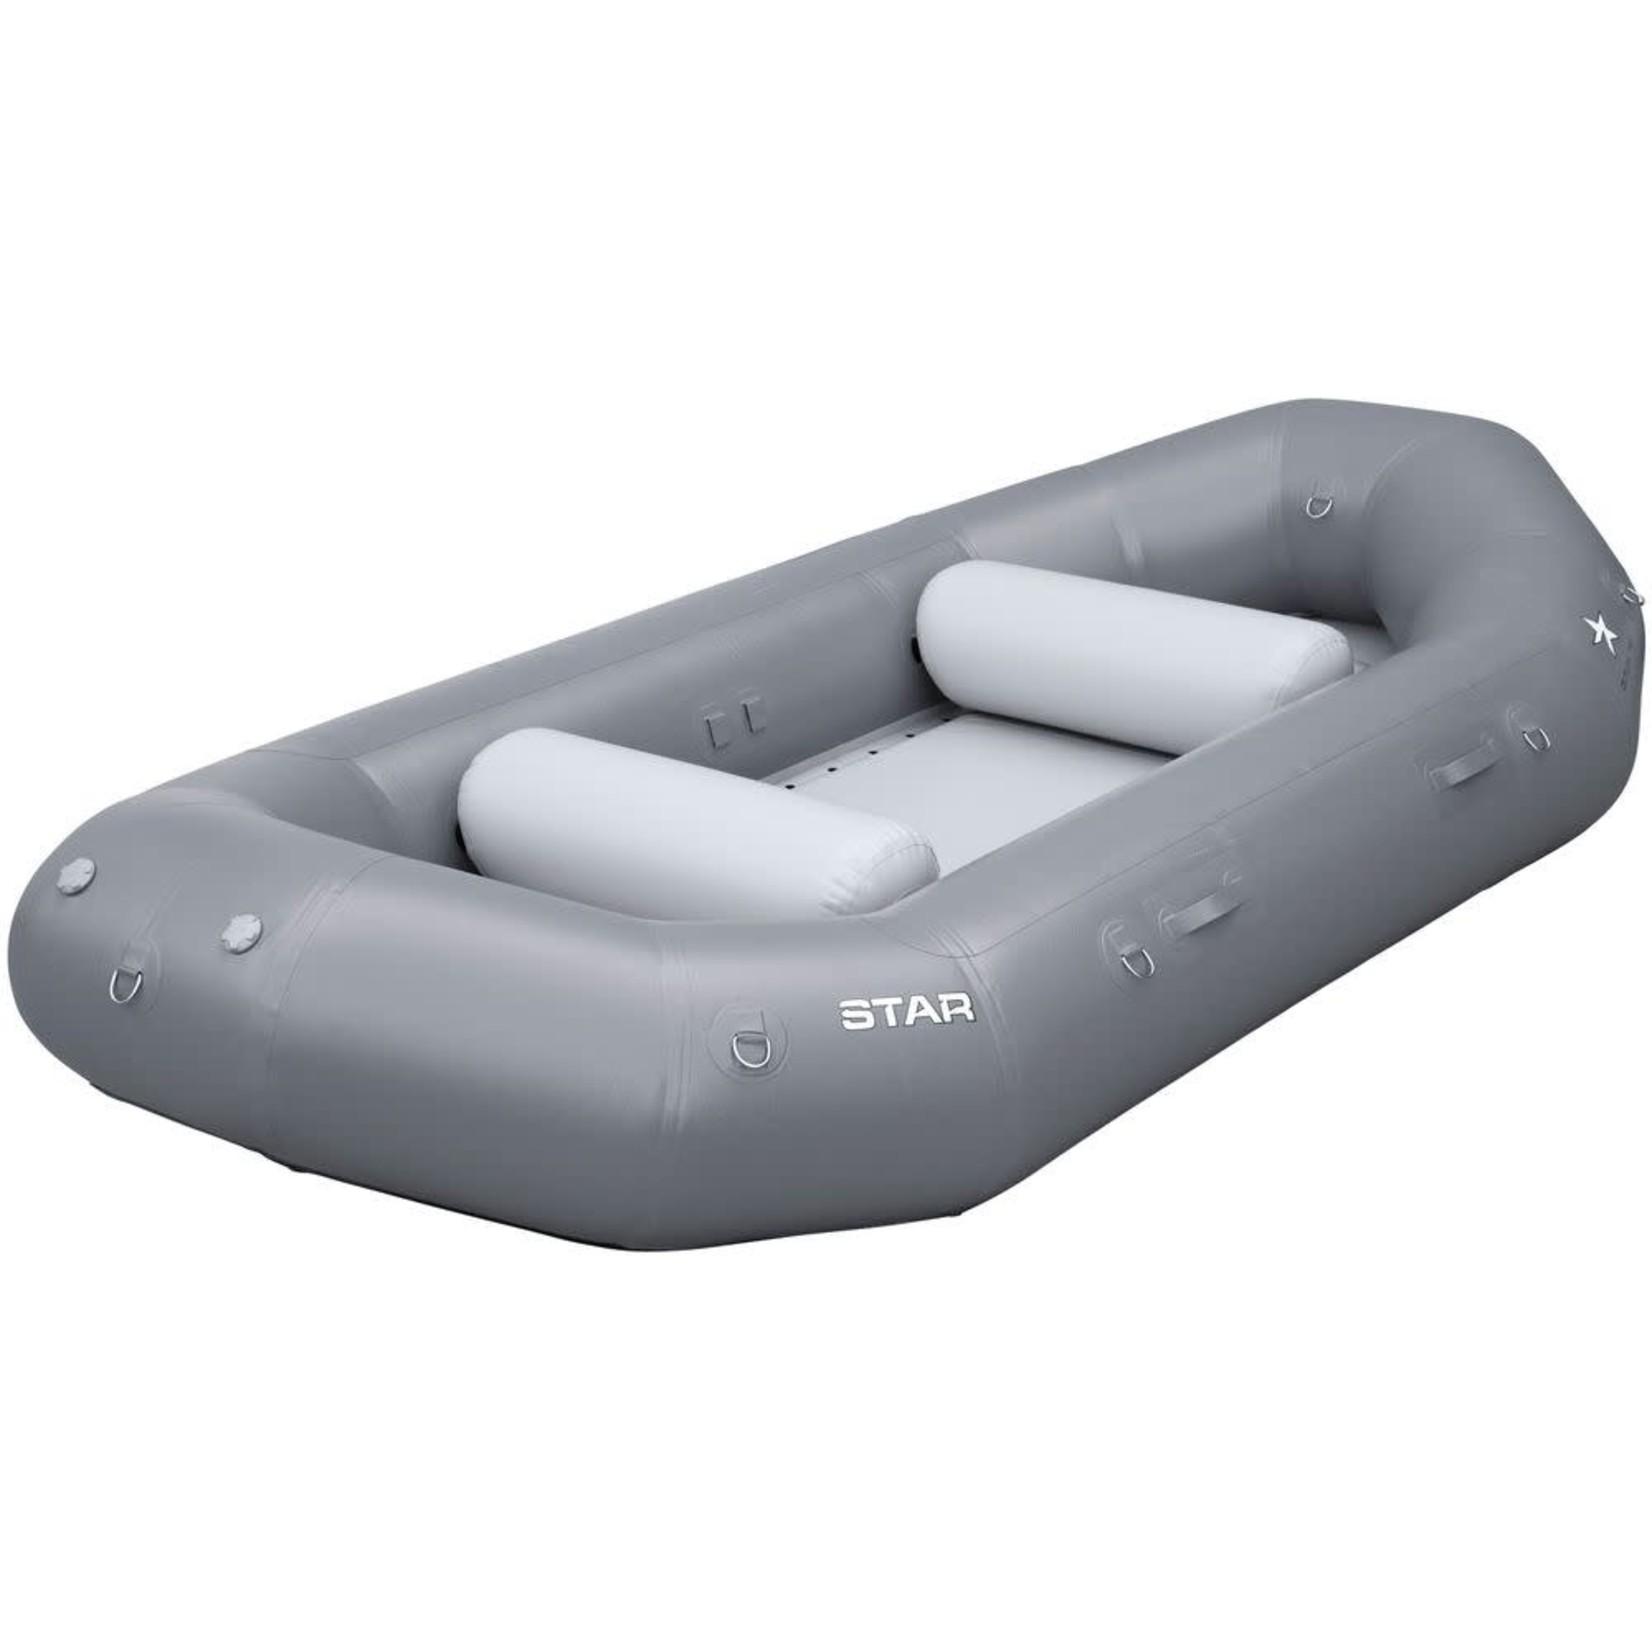 STAR STAR Outlaw 140 Self-Bailing Raft